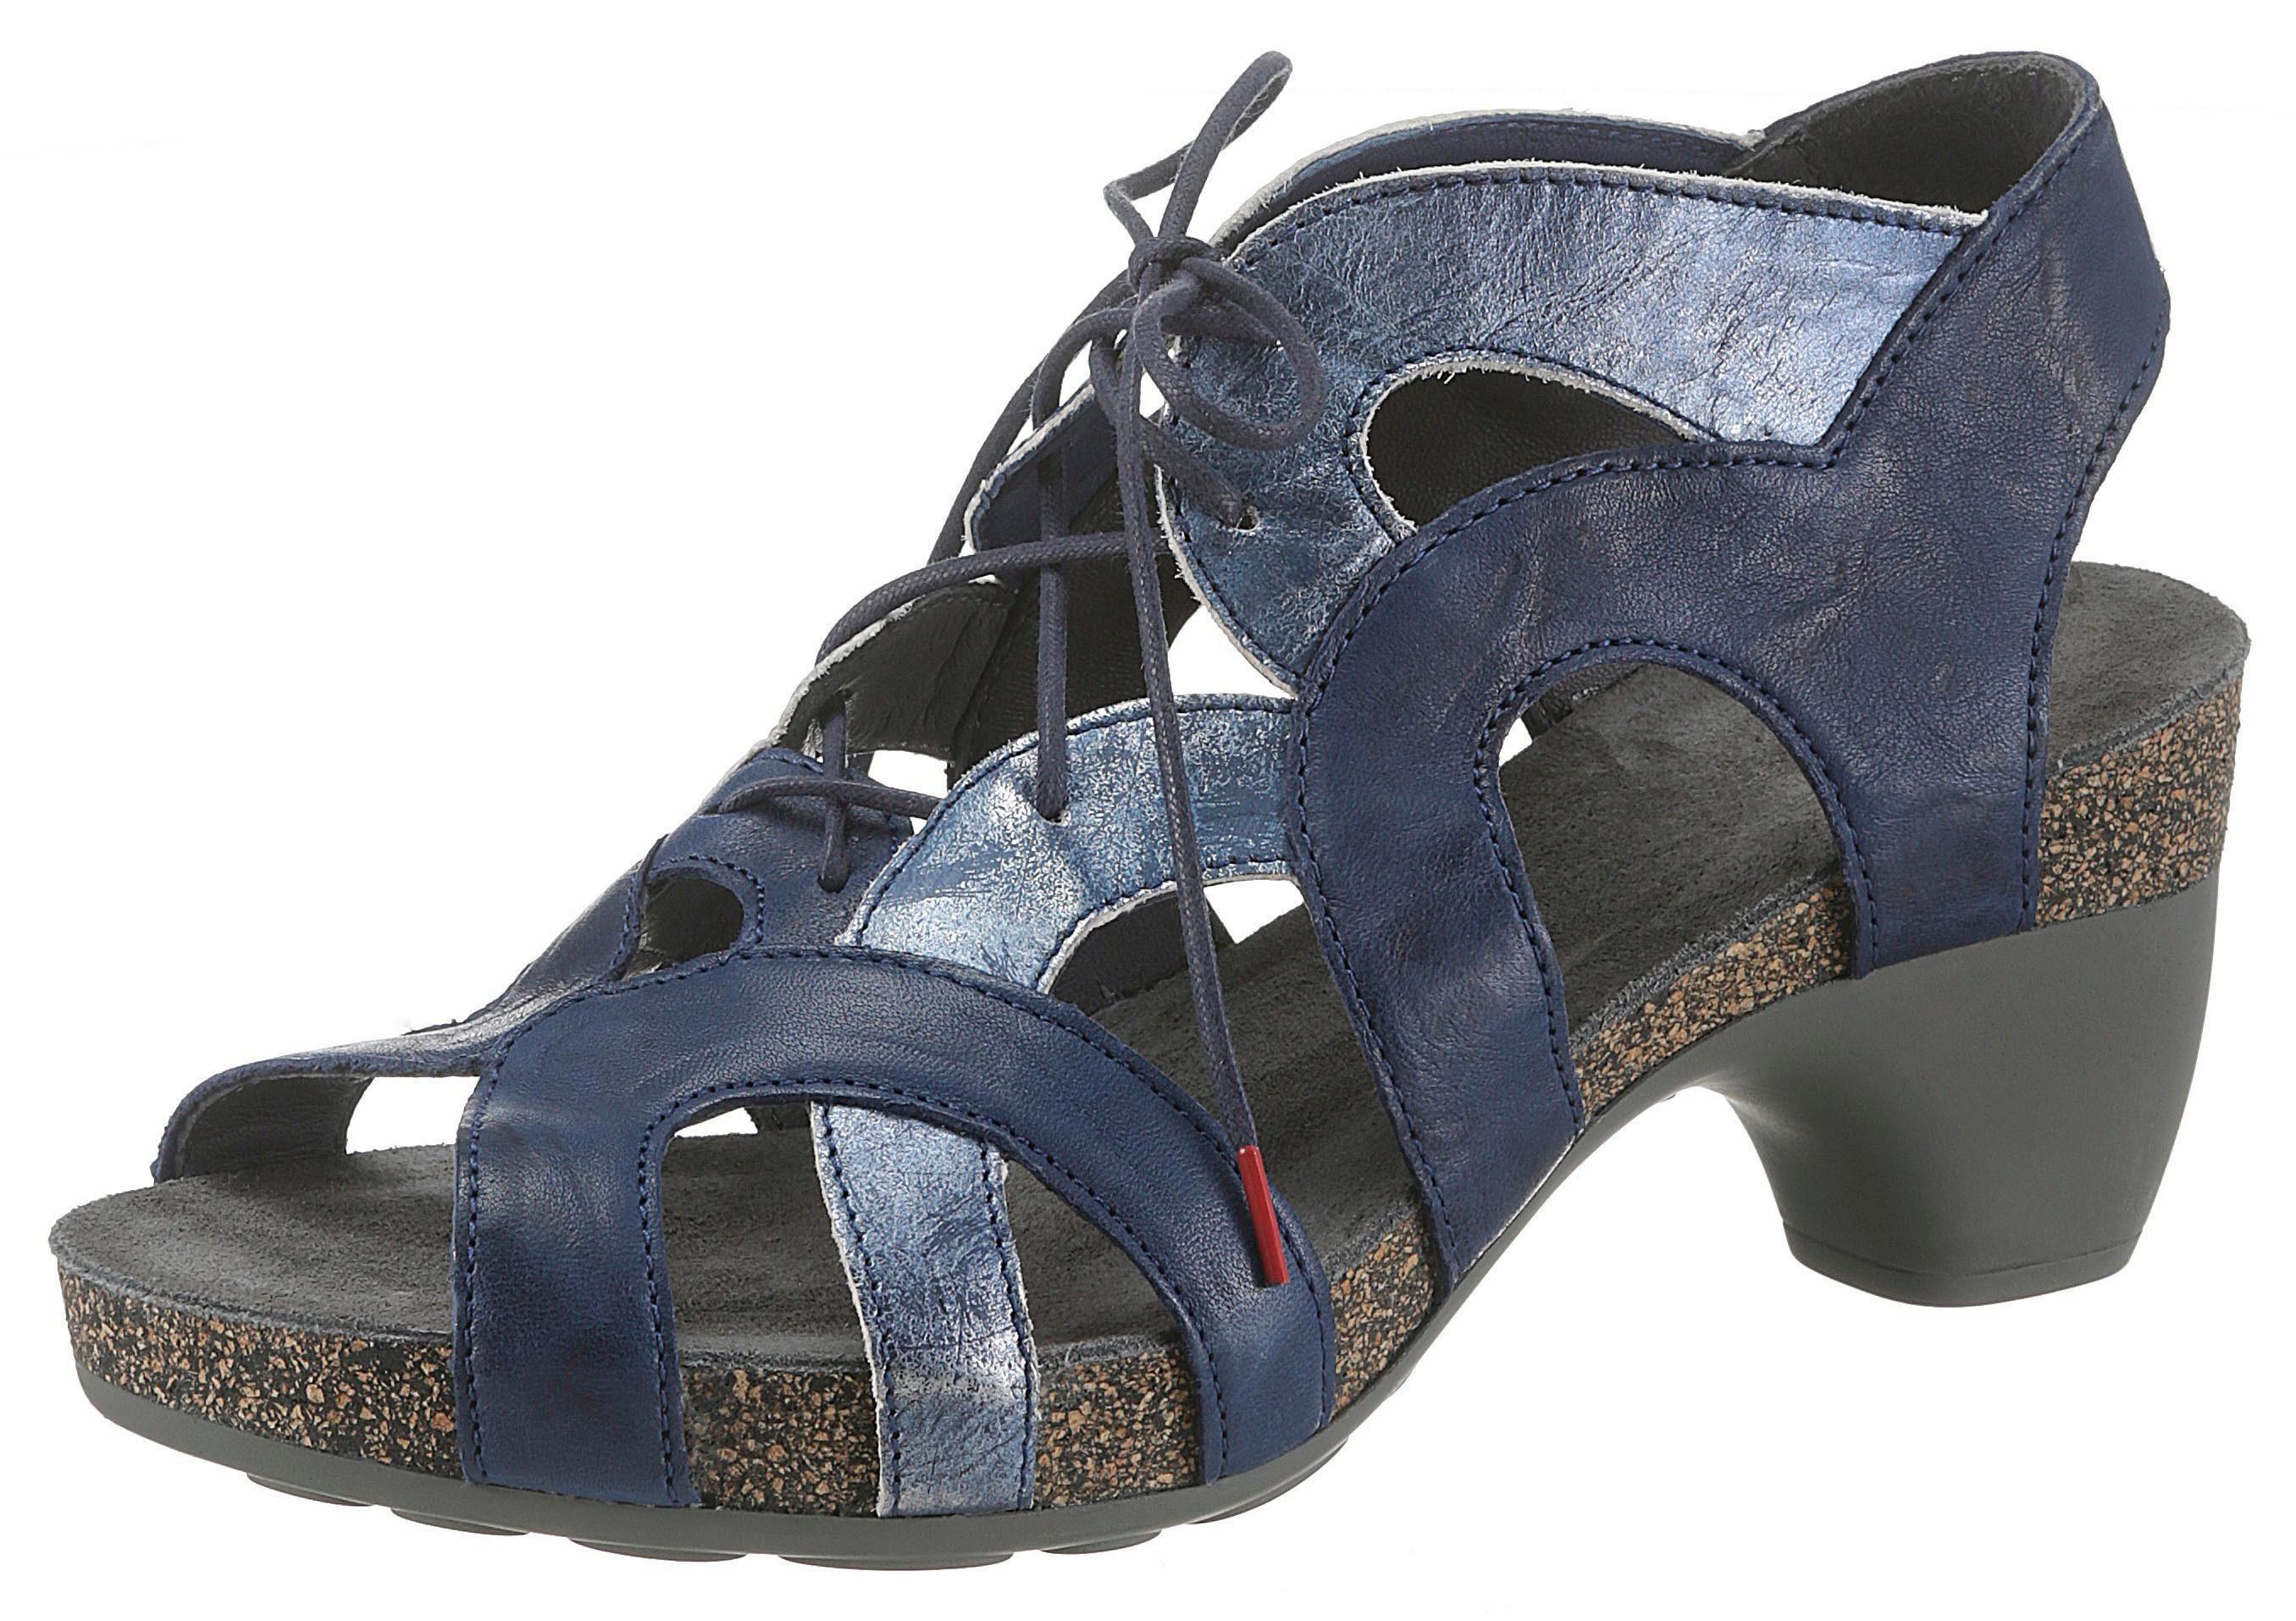 Think»traudi« Sandalette Raffinierten DesignOtto Im Ajqc3R4S5L